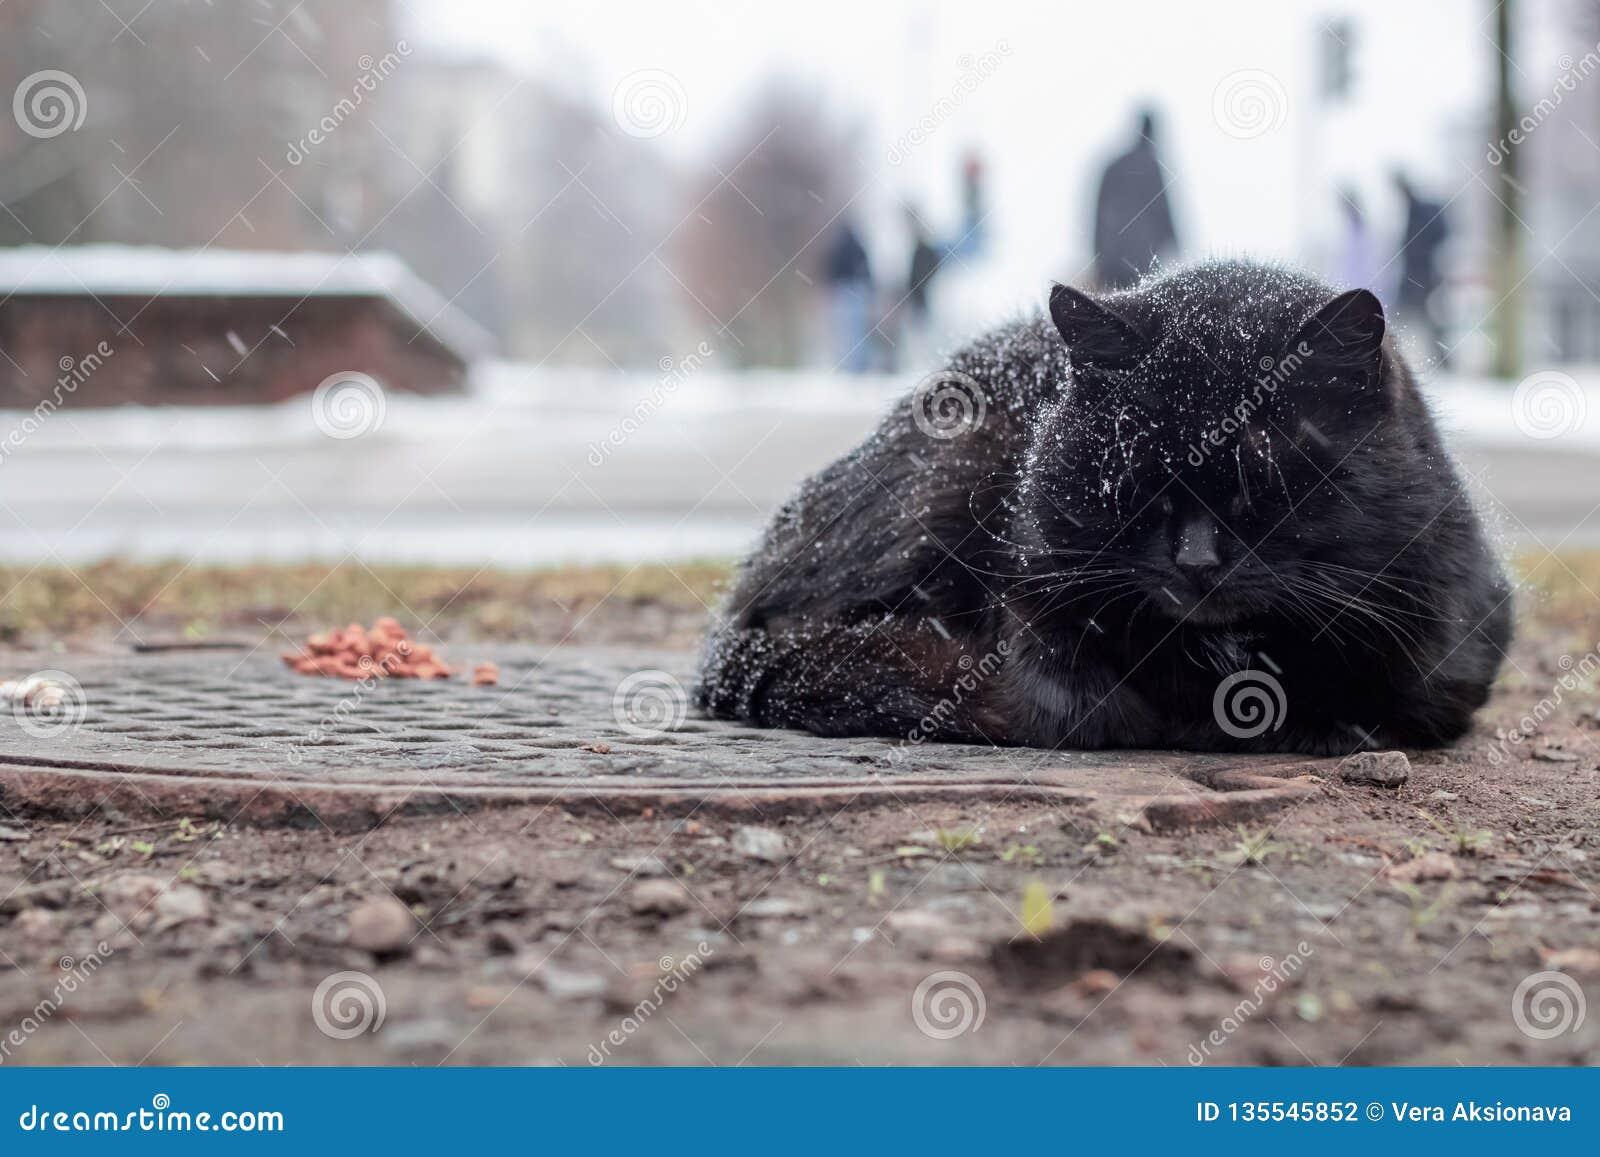 Бездомный черный кот спать под снегом